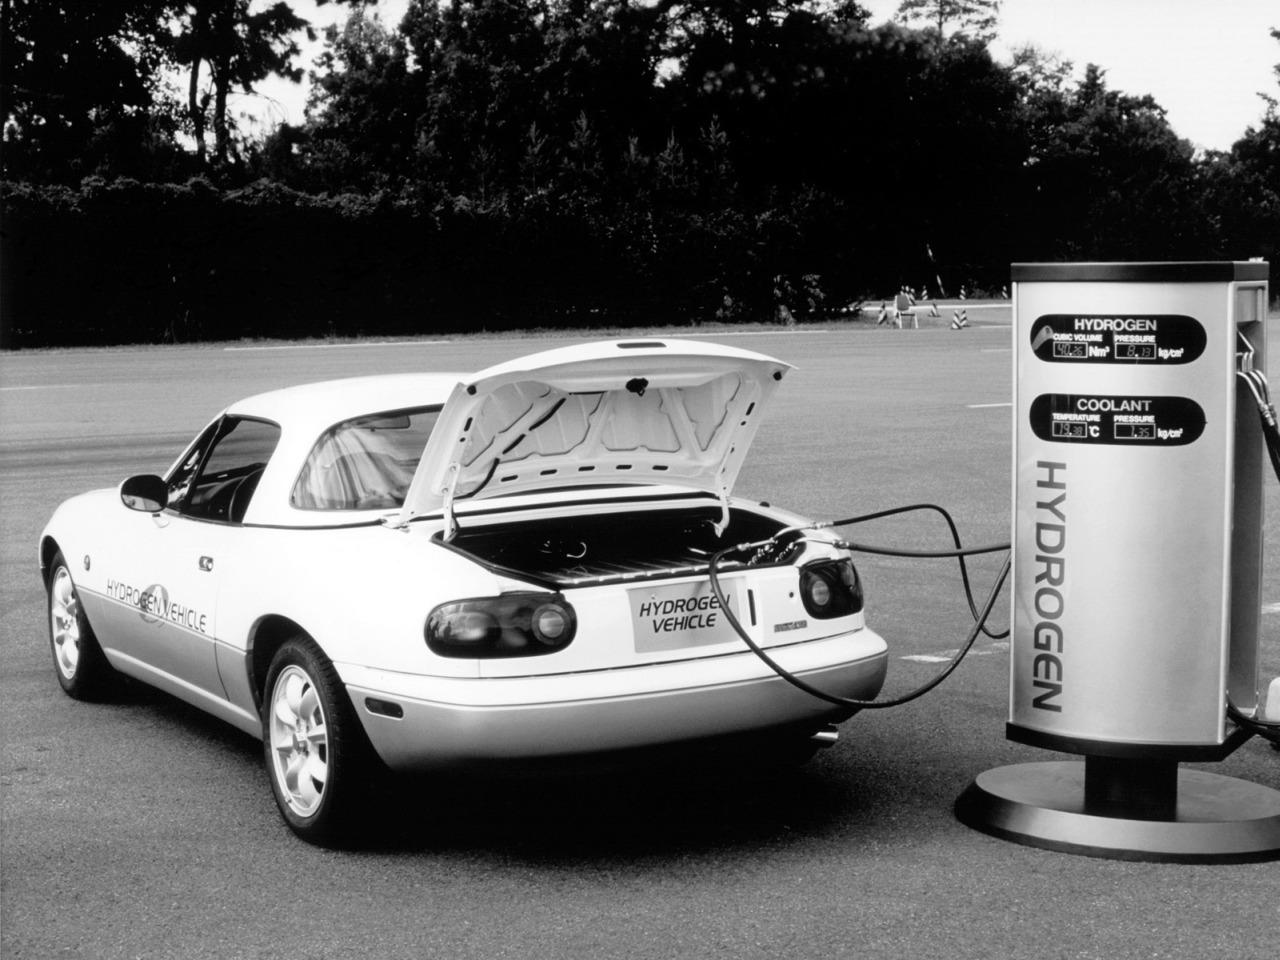 Zabudnutá história: Keď Mazda MX-5 jazdila na vodík